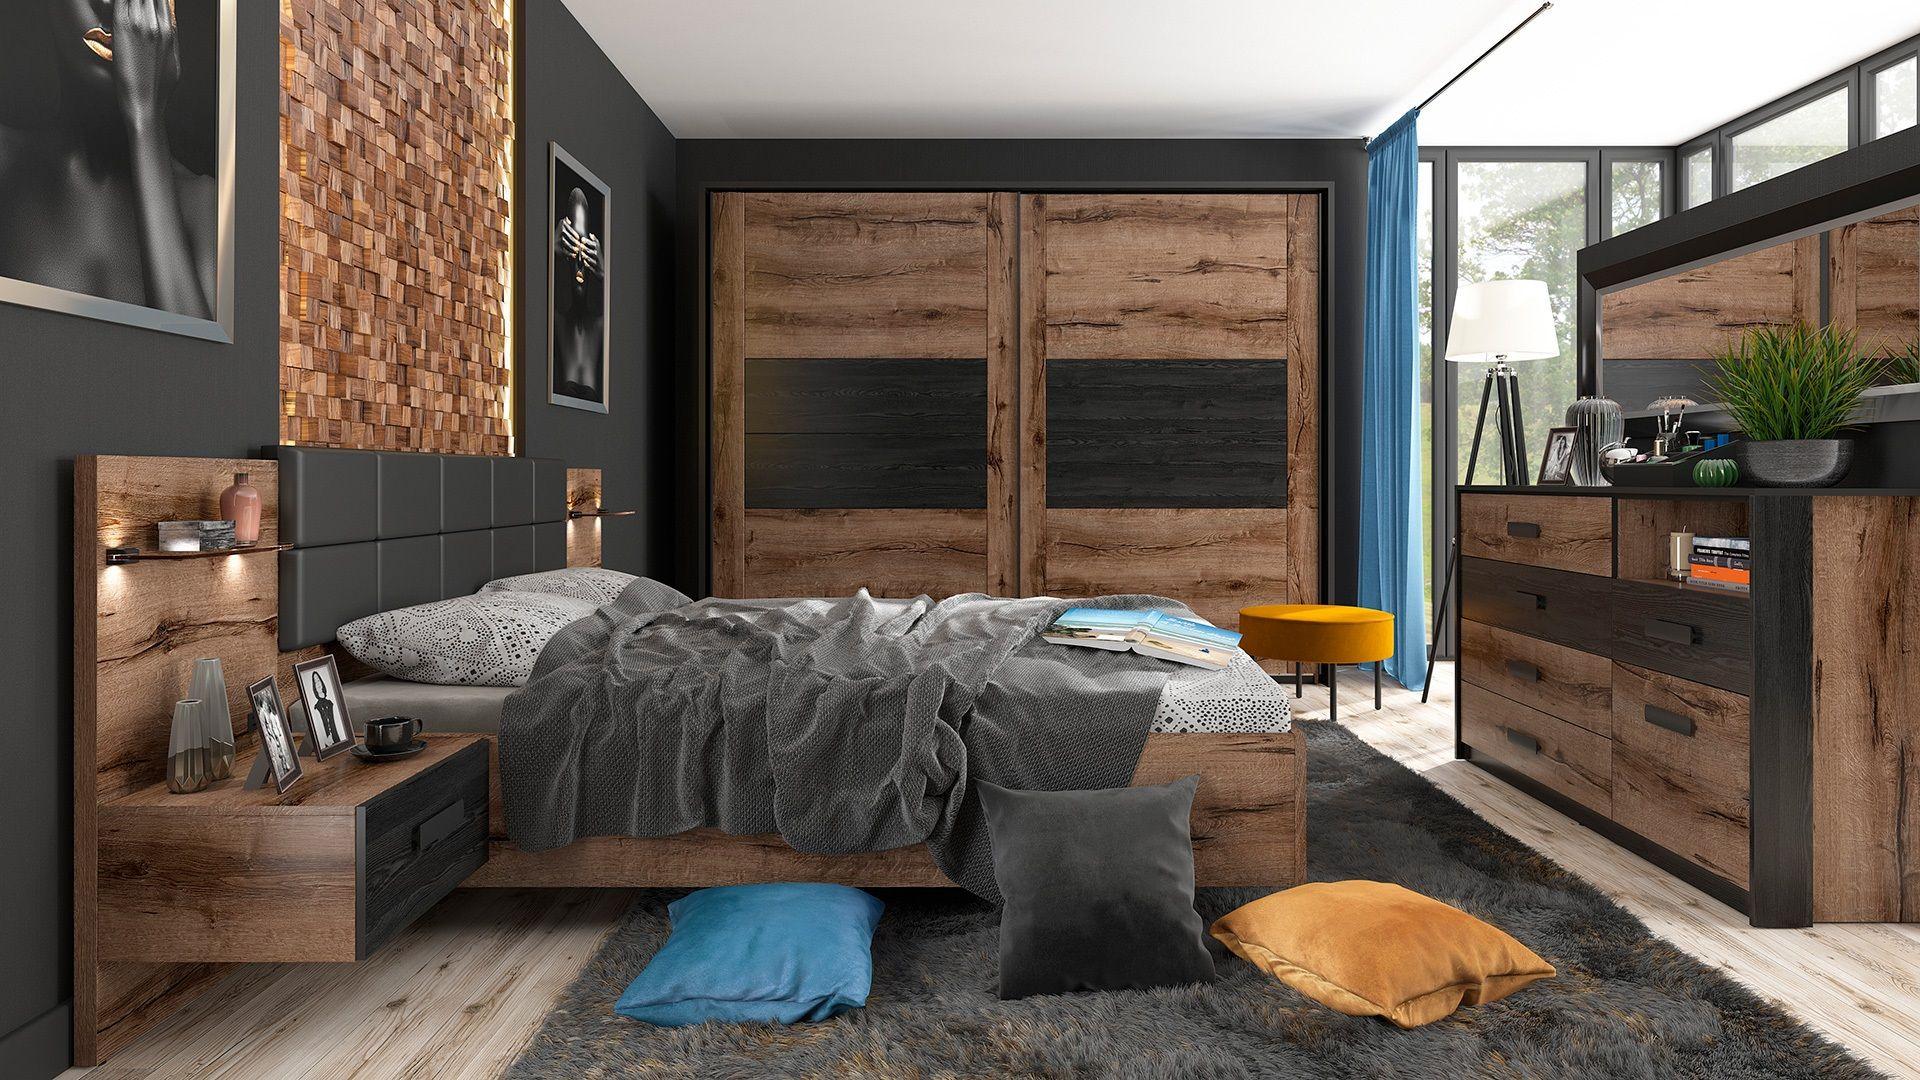 Luxury European King Size Bedroom Set Wardrobe Lights Bedside Oak Black Kassel Ebay King Size Bed Frame Bed Frame And Headboard Modern Luxury Bedroom Furniture Dark oak bedroom ideas